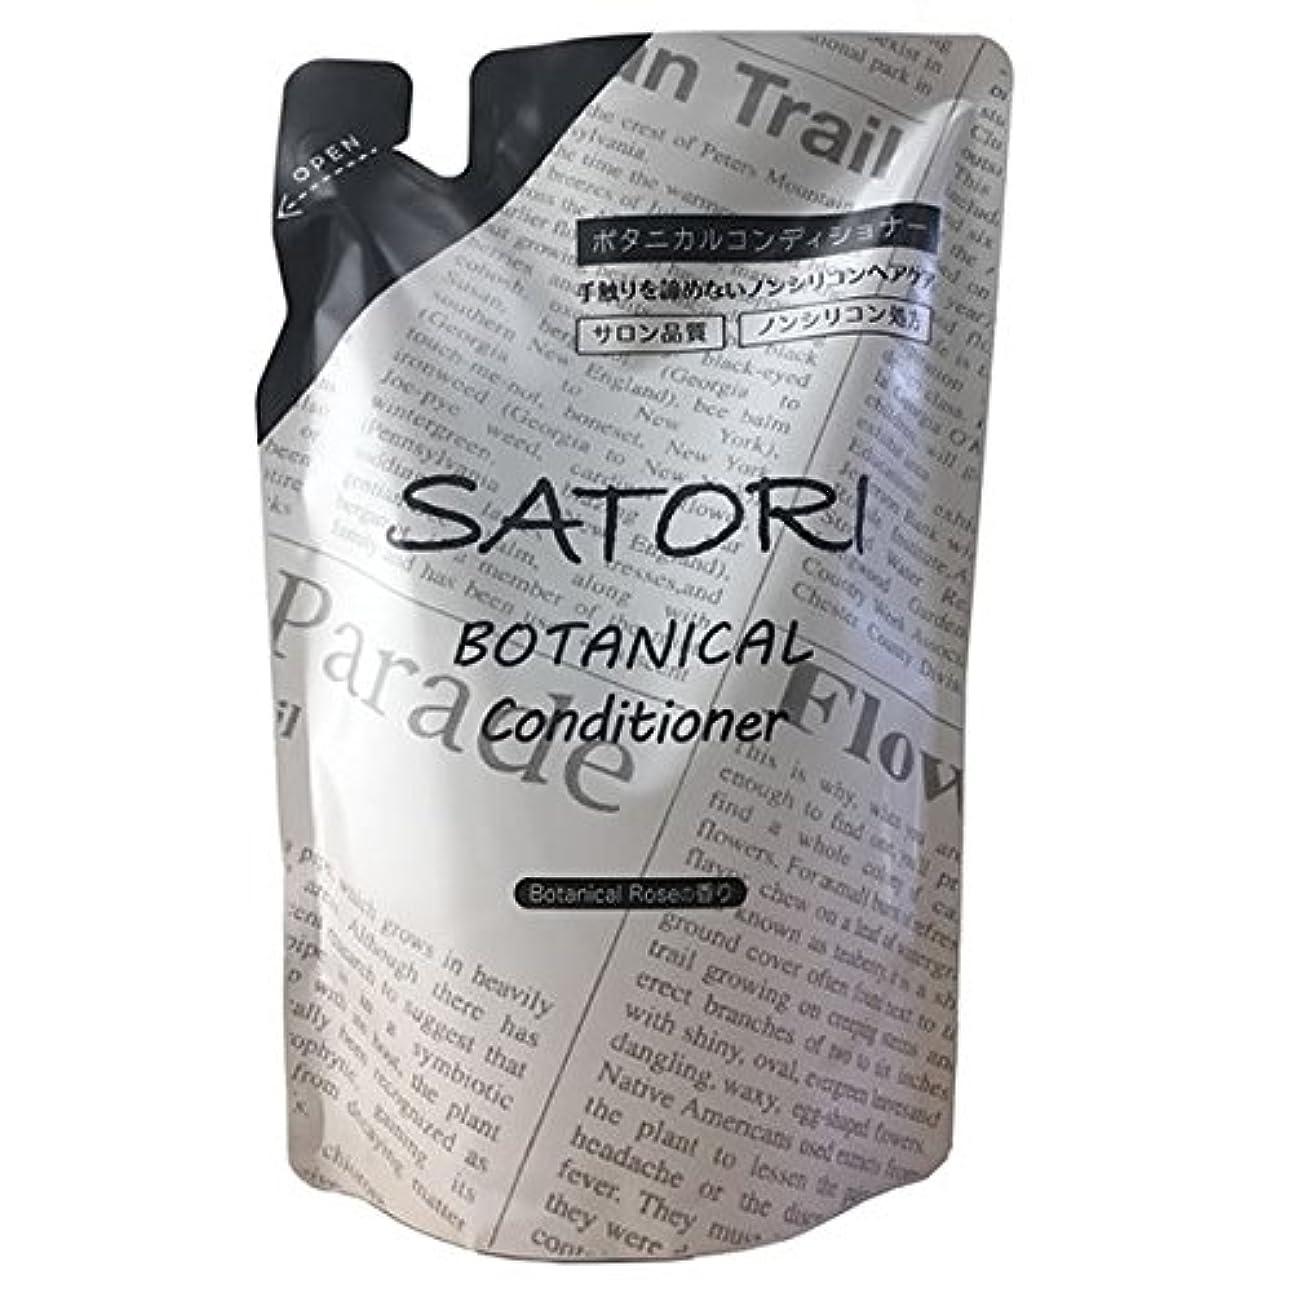 カーフおじいちゃん抑圧者SATORI(サトリ) ボタニカルコンディショナー レフィル 400ml